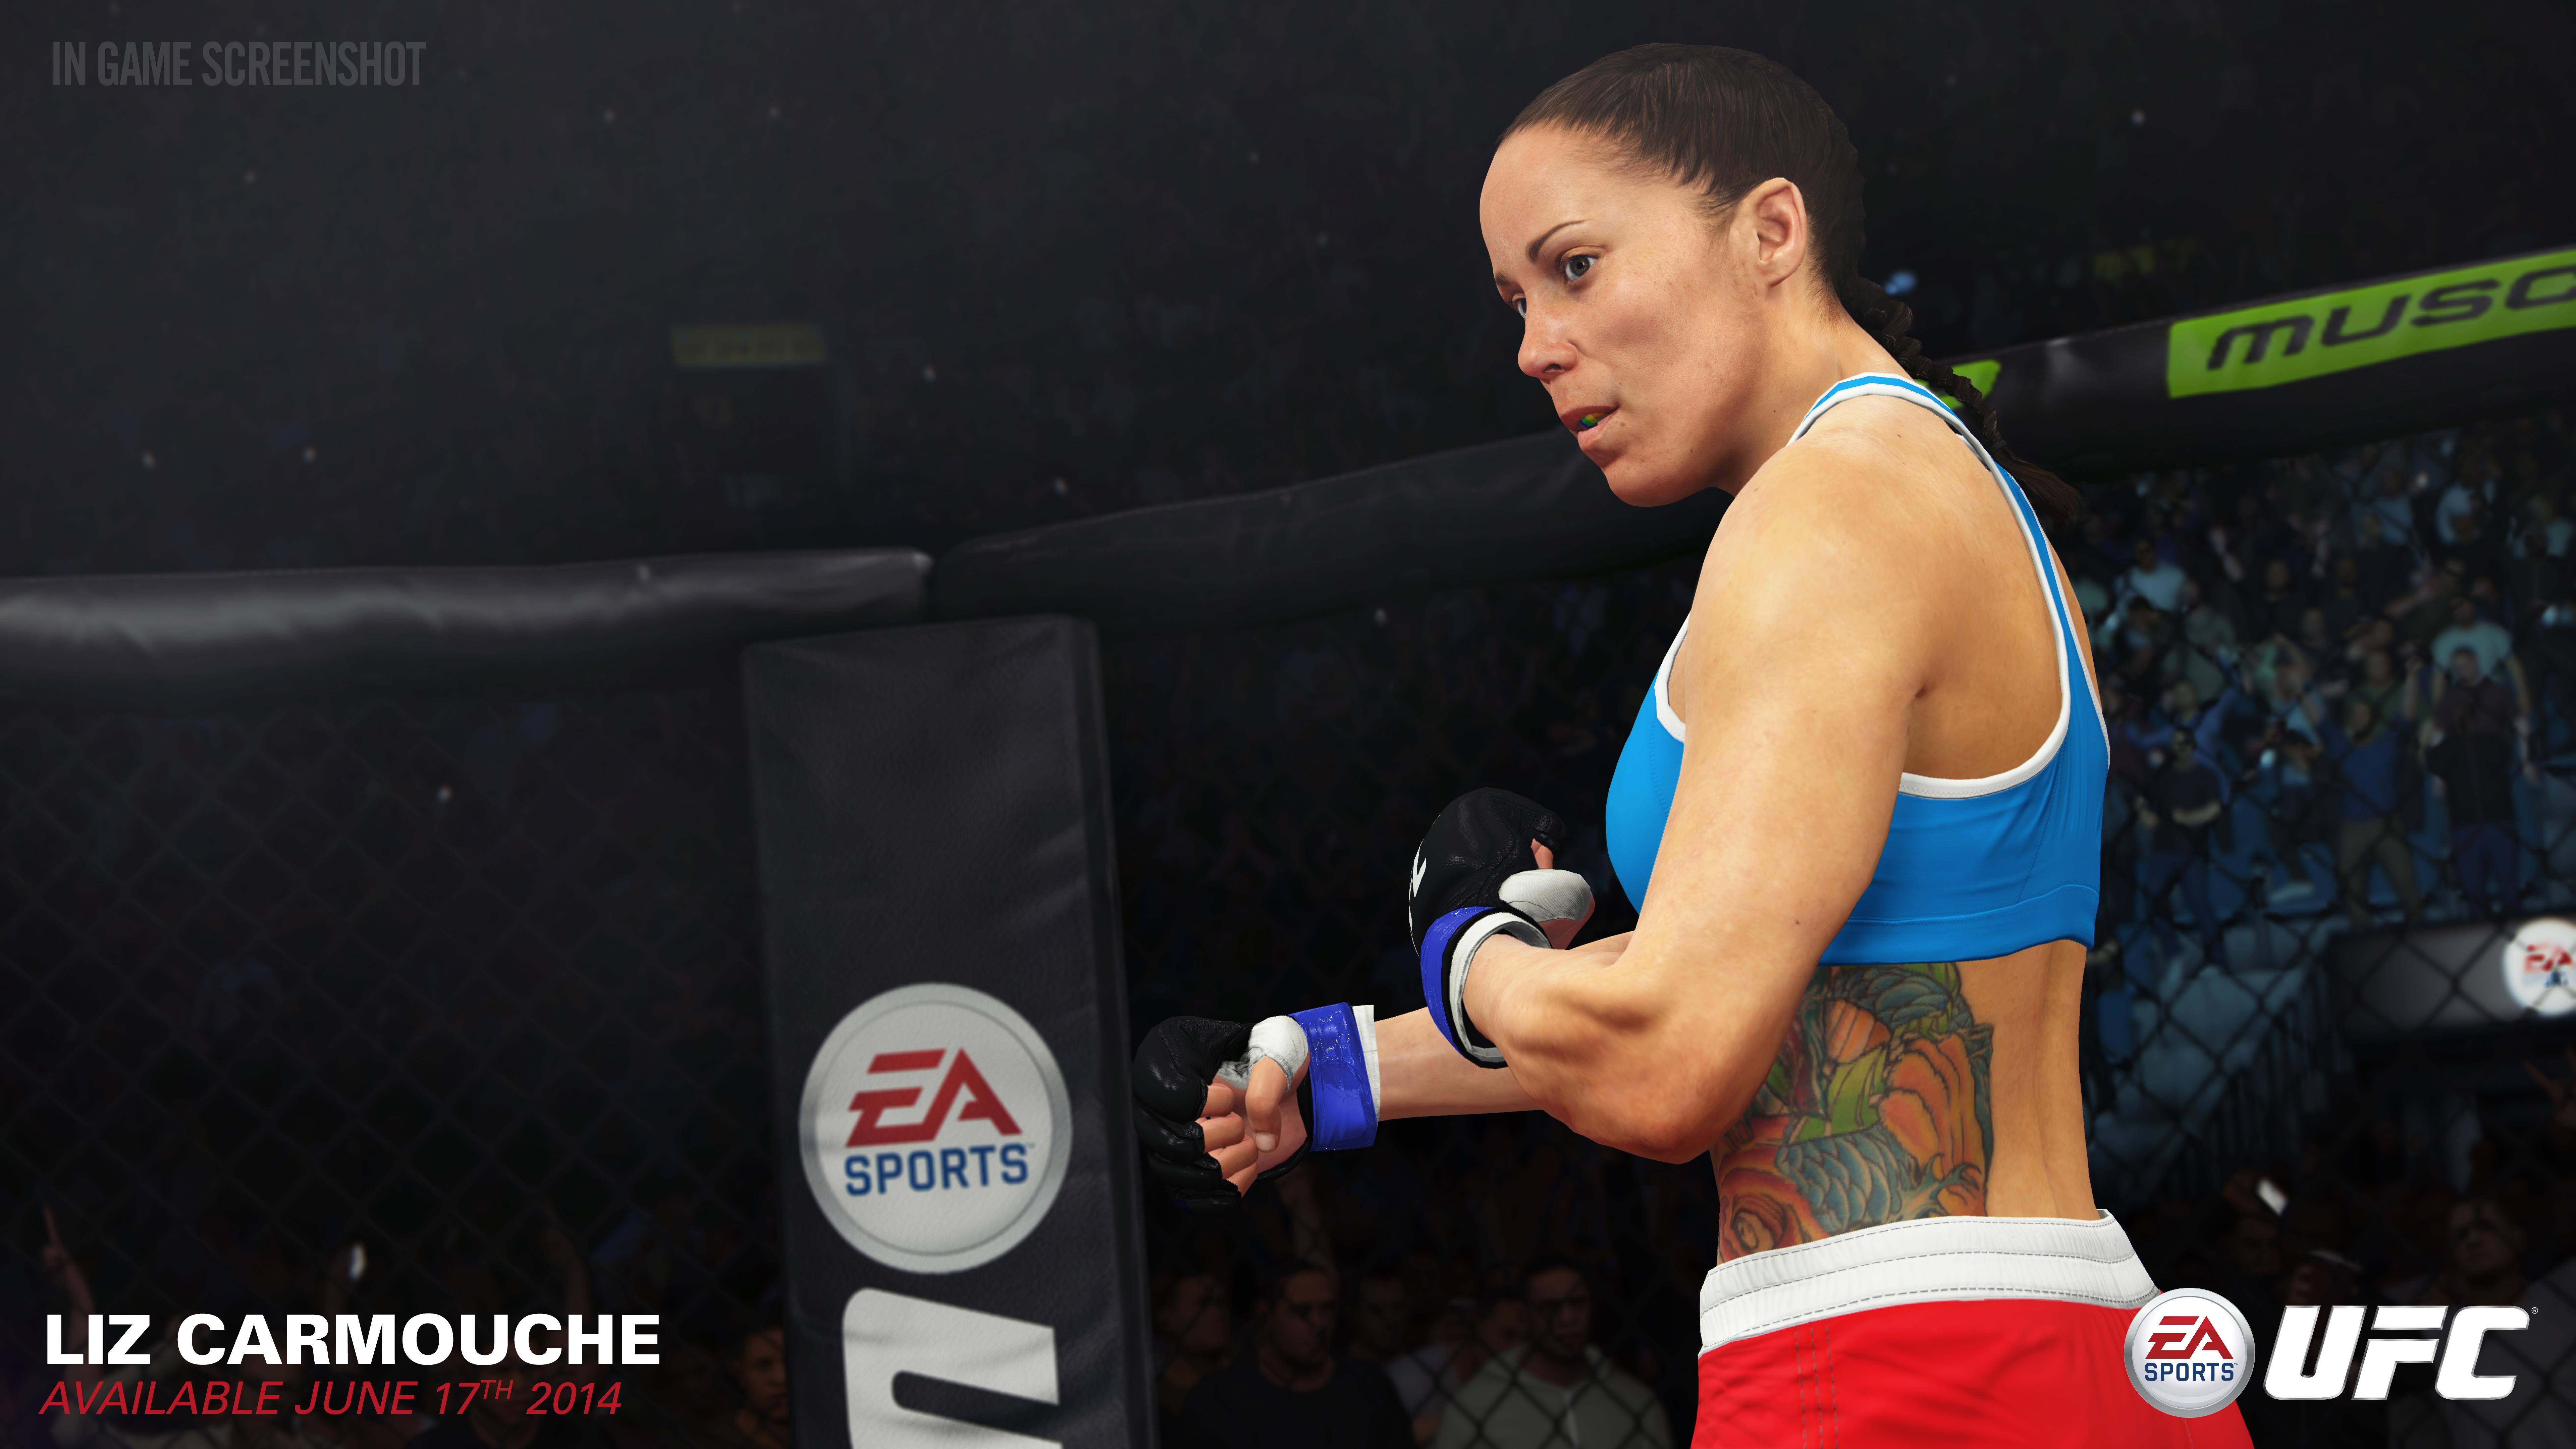 Лиз Кармуш - EA Sports UFC 8K